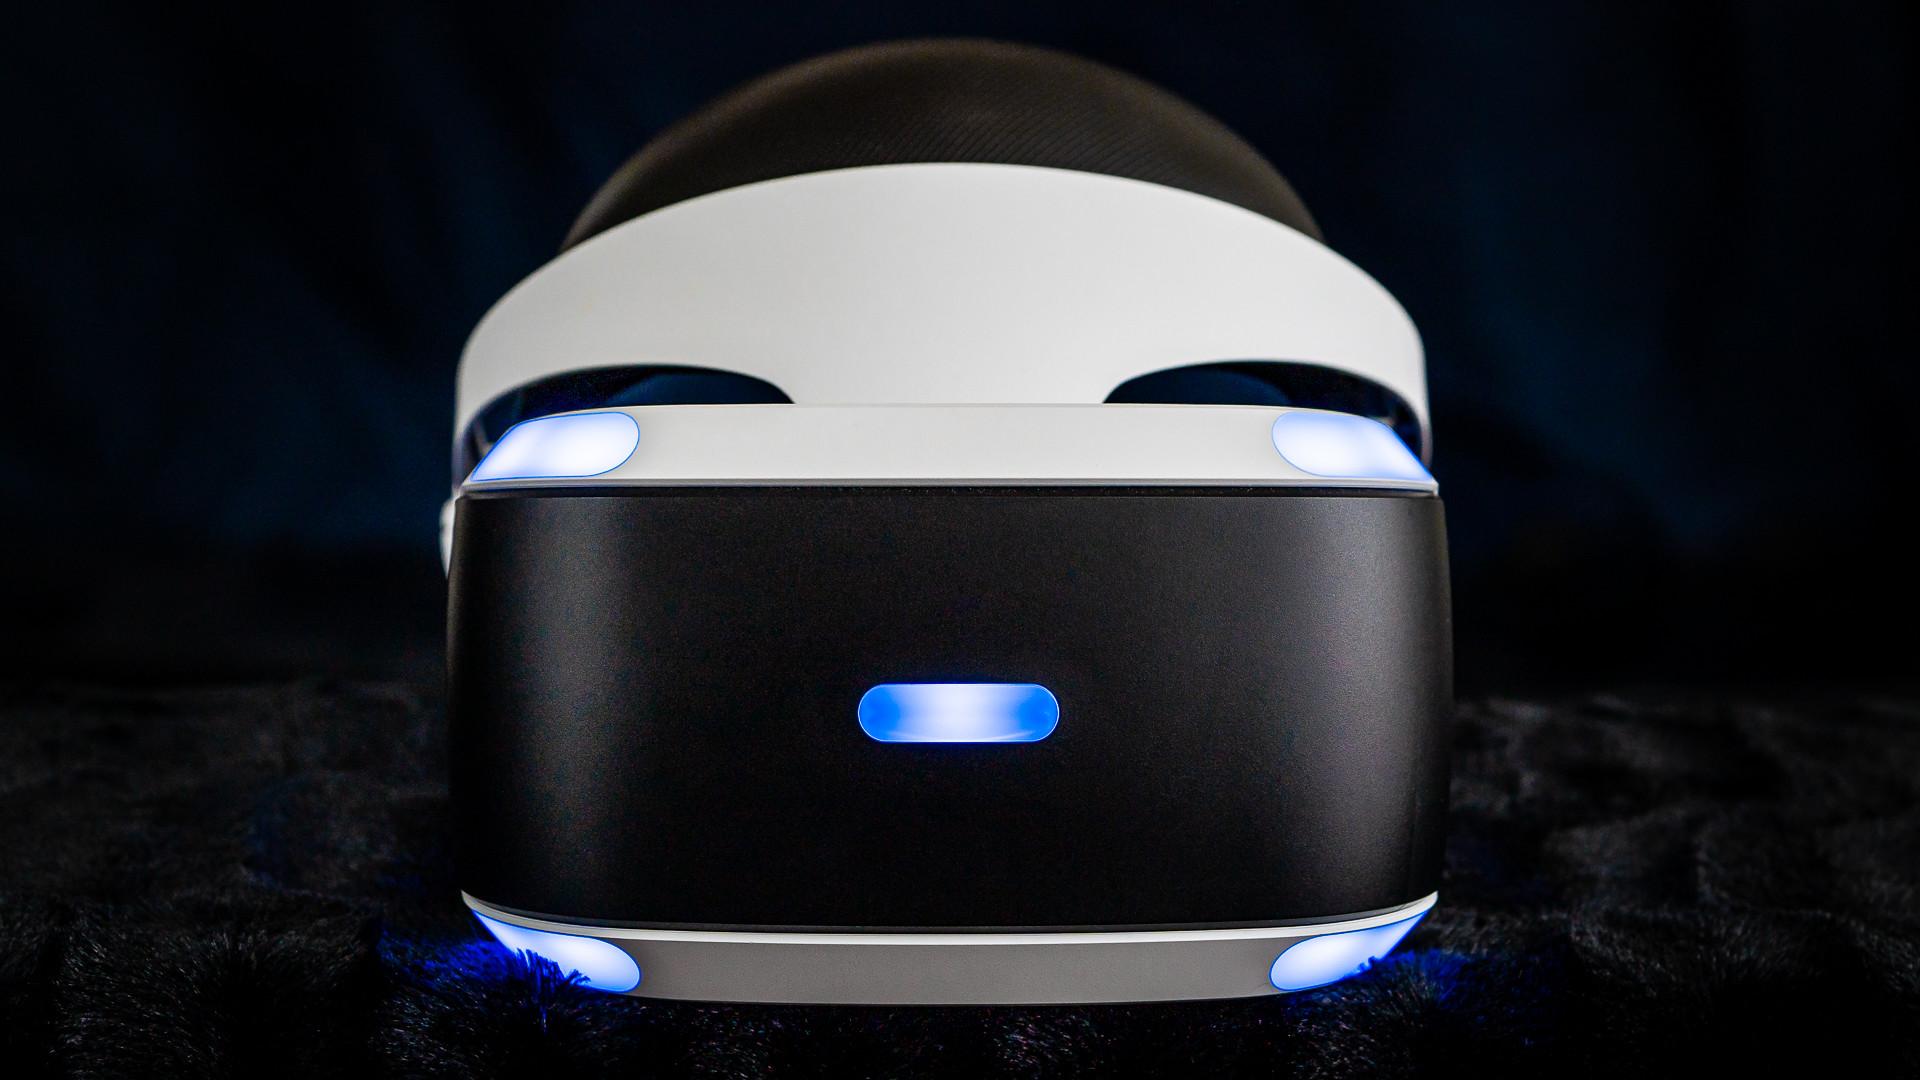 Non, le PlayStation VR n'est pas mort ! Il fait même le plein de nouveautés